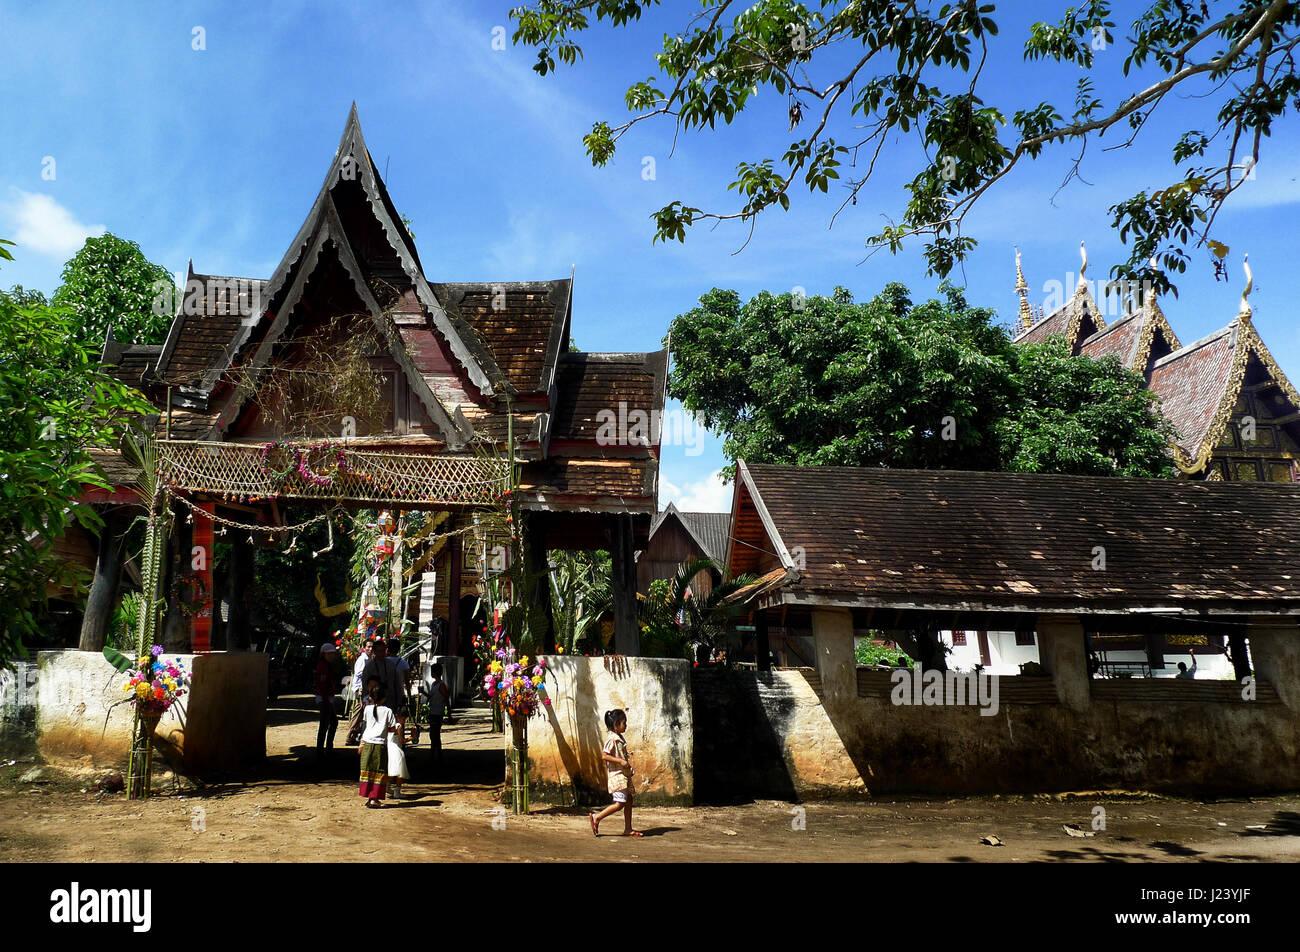 Chiang Mai, Thailand - 13. Oktober 2009: nach Ende der buddhistischen Fastenzeit, die Leute von Mae Chaem, harmonisch Stockbild